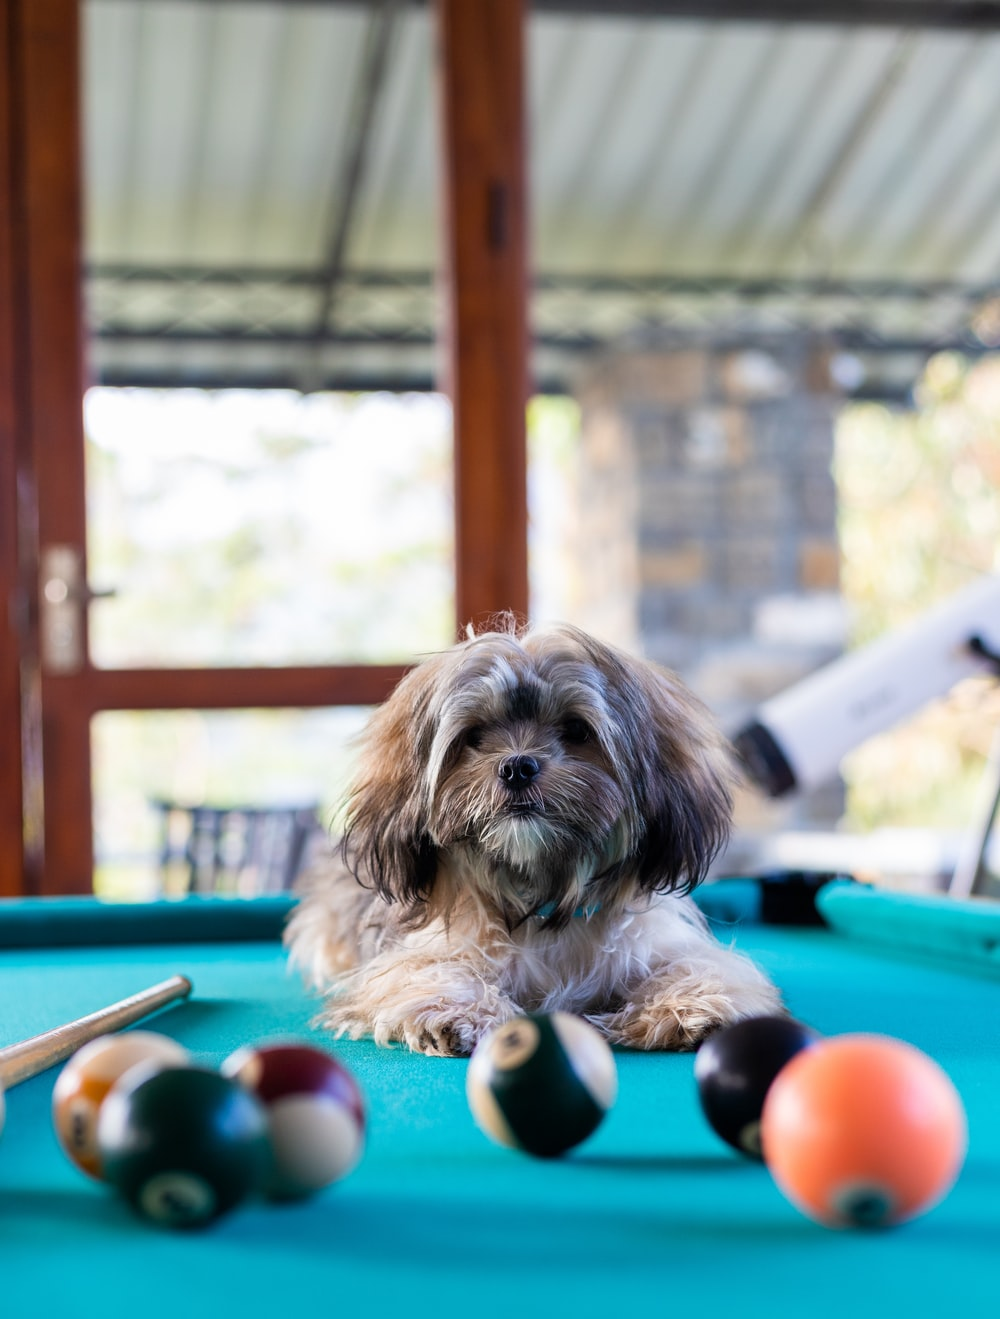 brown dog on pool table